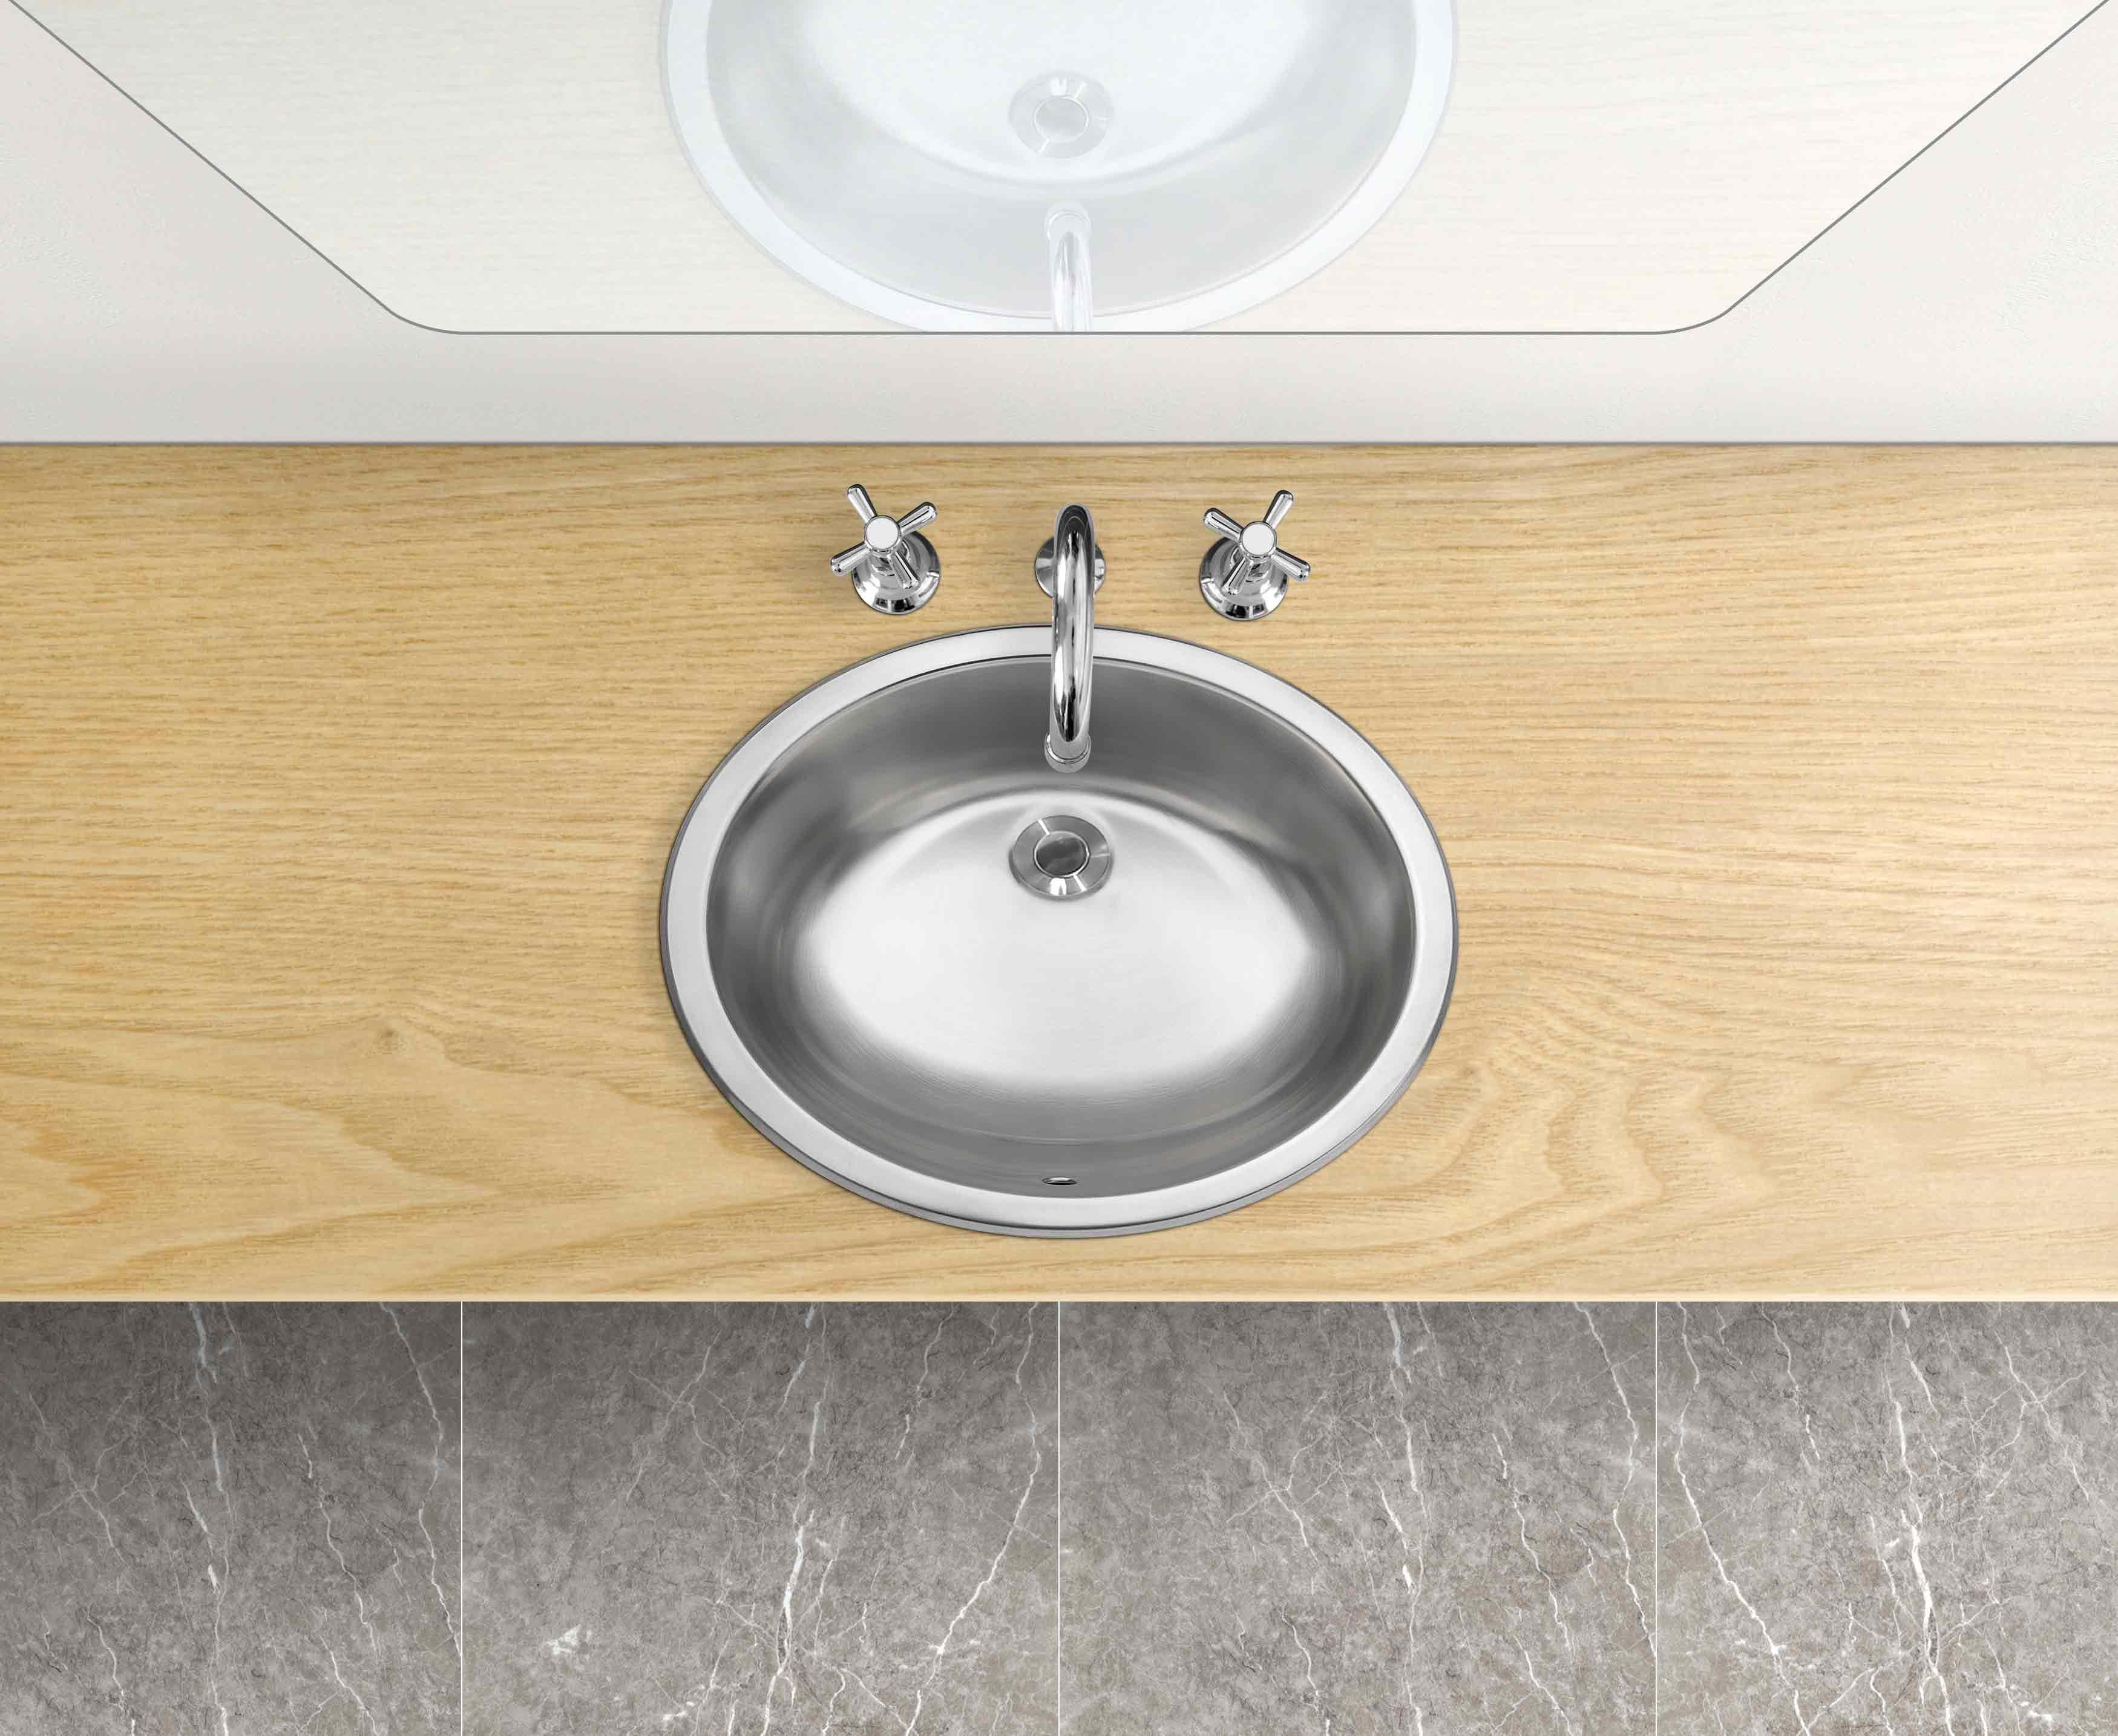 المطبخ حوض غسيل اليد الفولاذ المقاوم للصدأ صغيرة مستديرة احواض غسل اليد المصارف